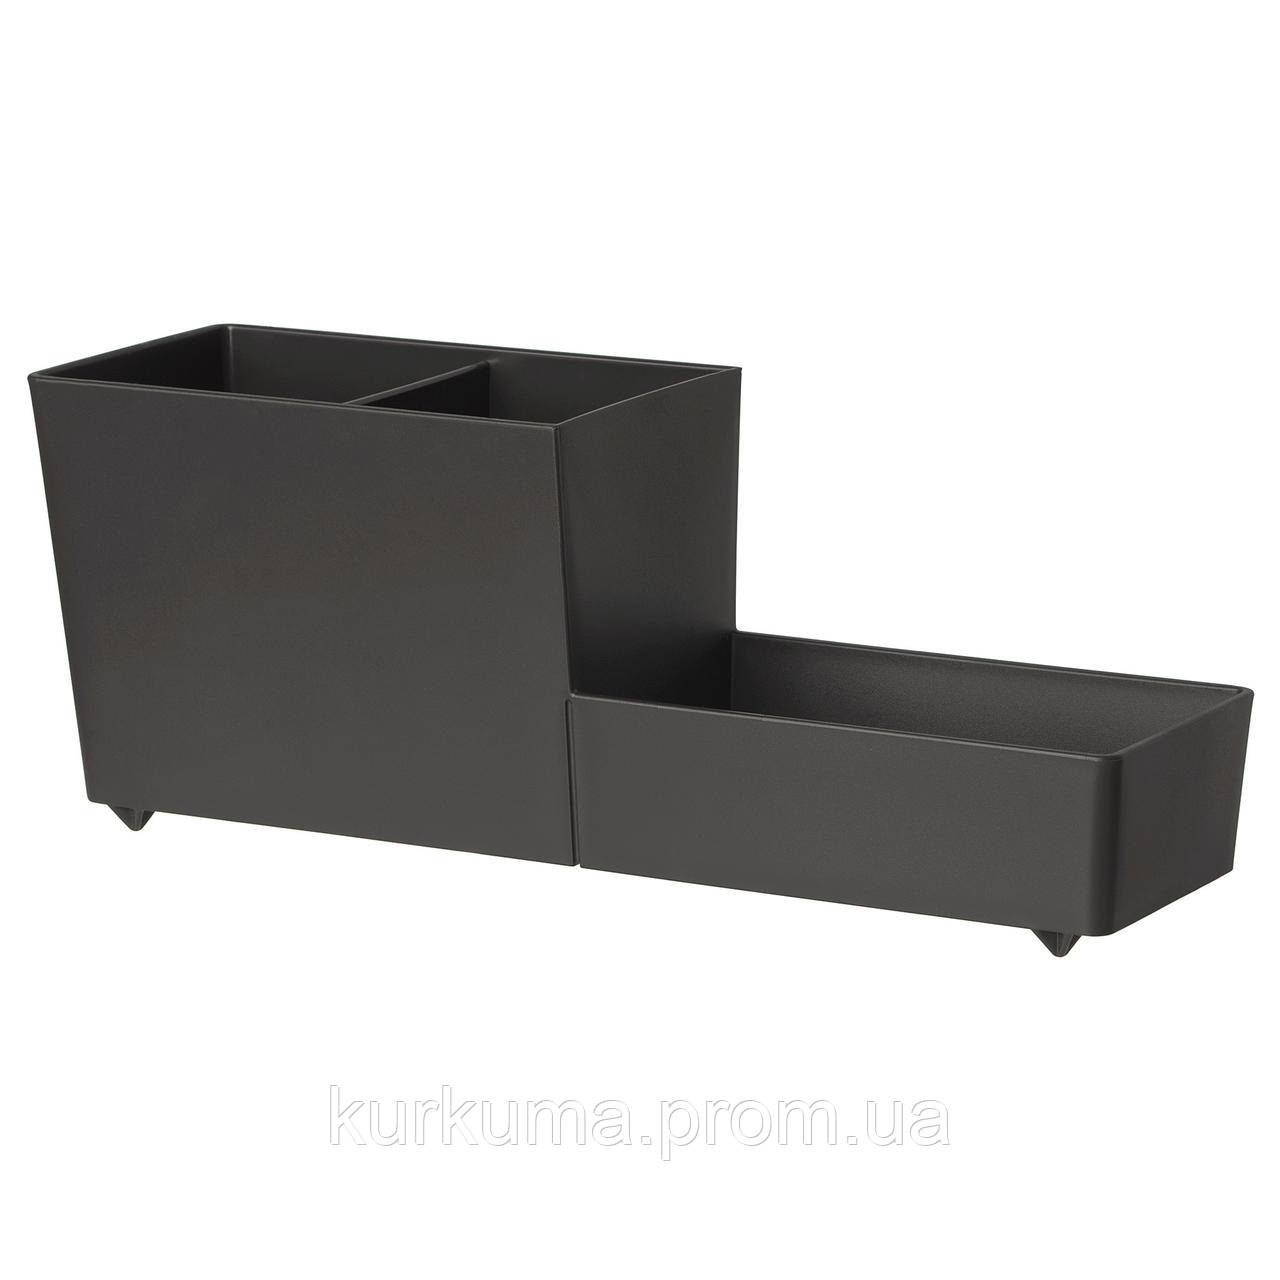 IKEA RINNIG Контейнер для столовых приборов  (303.872.60)